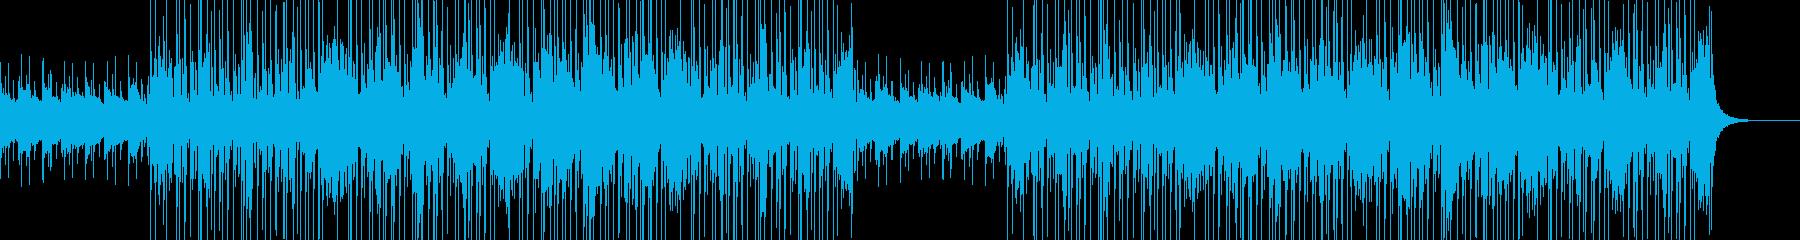 おしゃれなクラブジャズ風の再生済みの波形